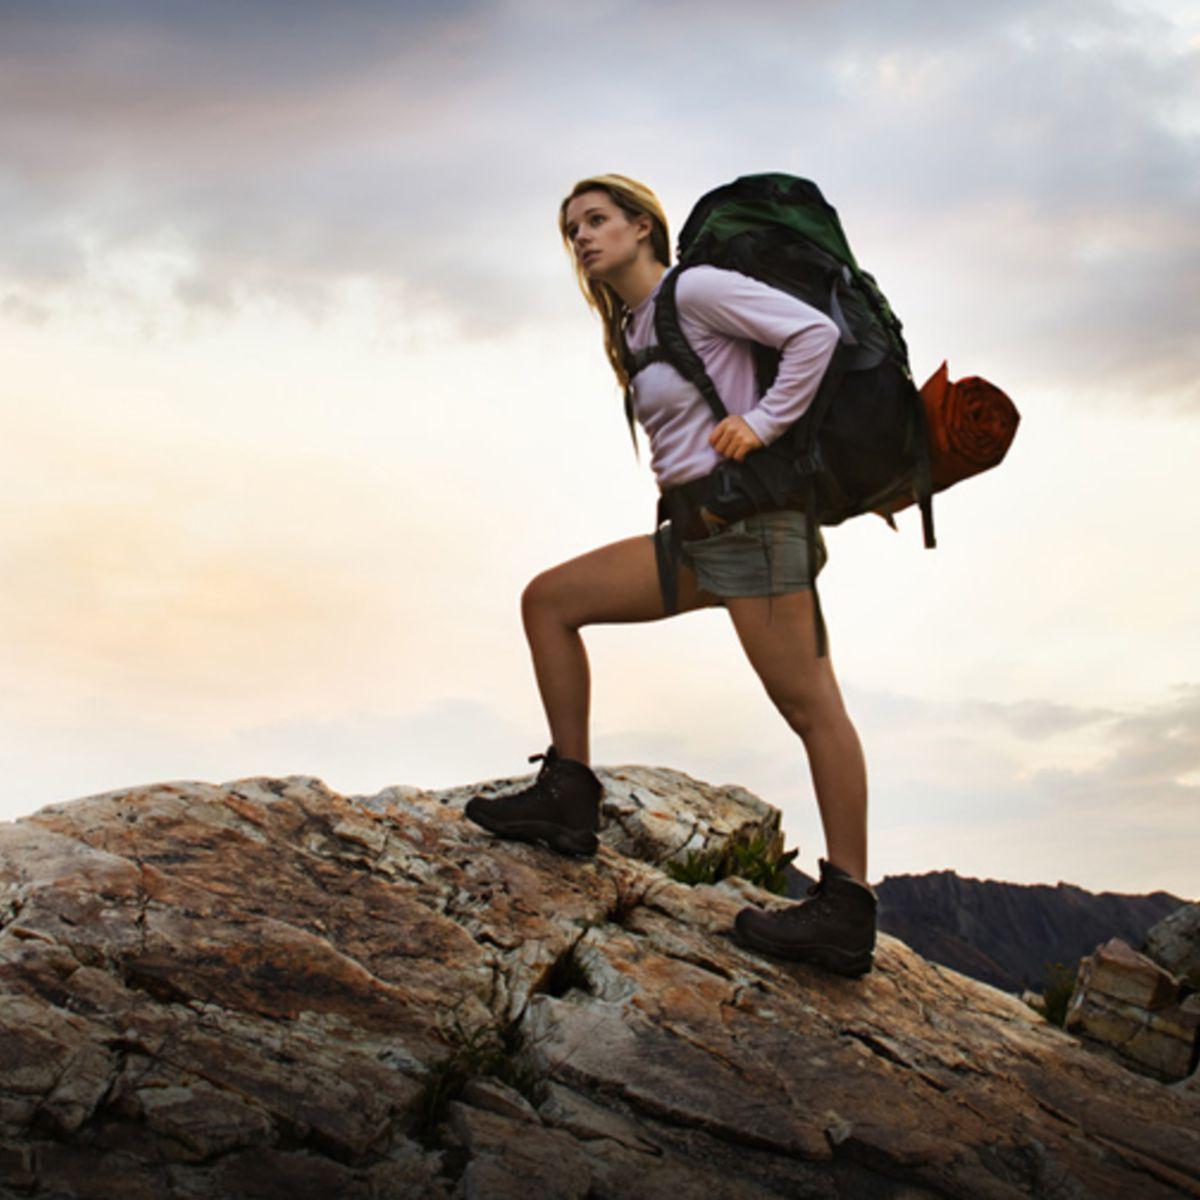 Randonnée : est-ce facile la randonnée ?